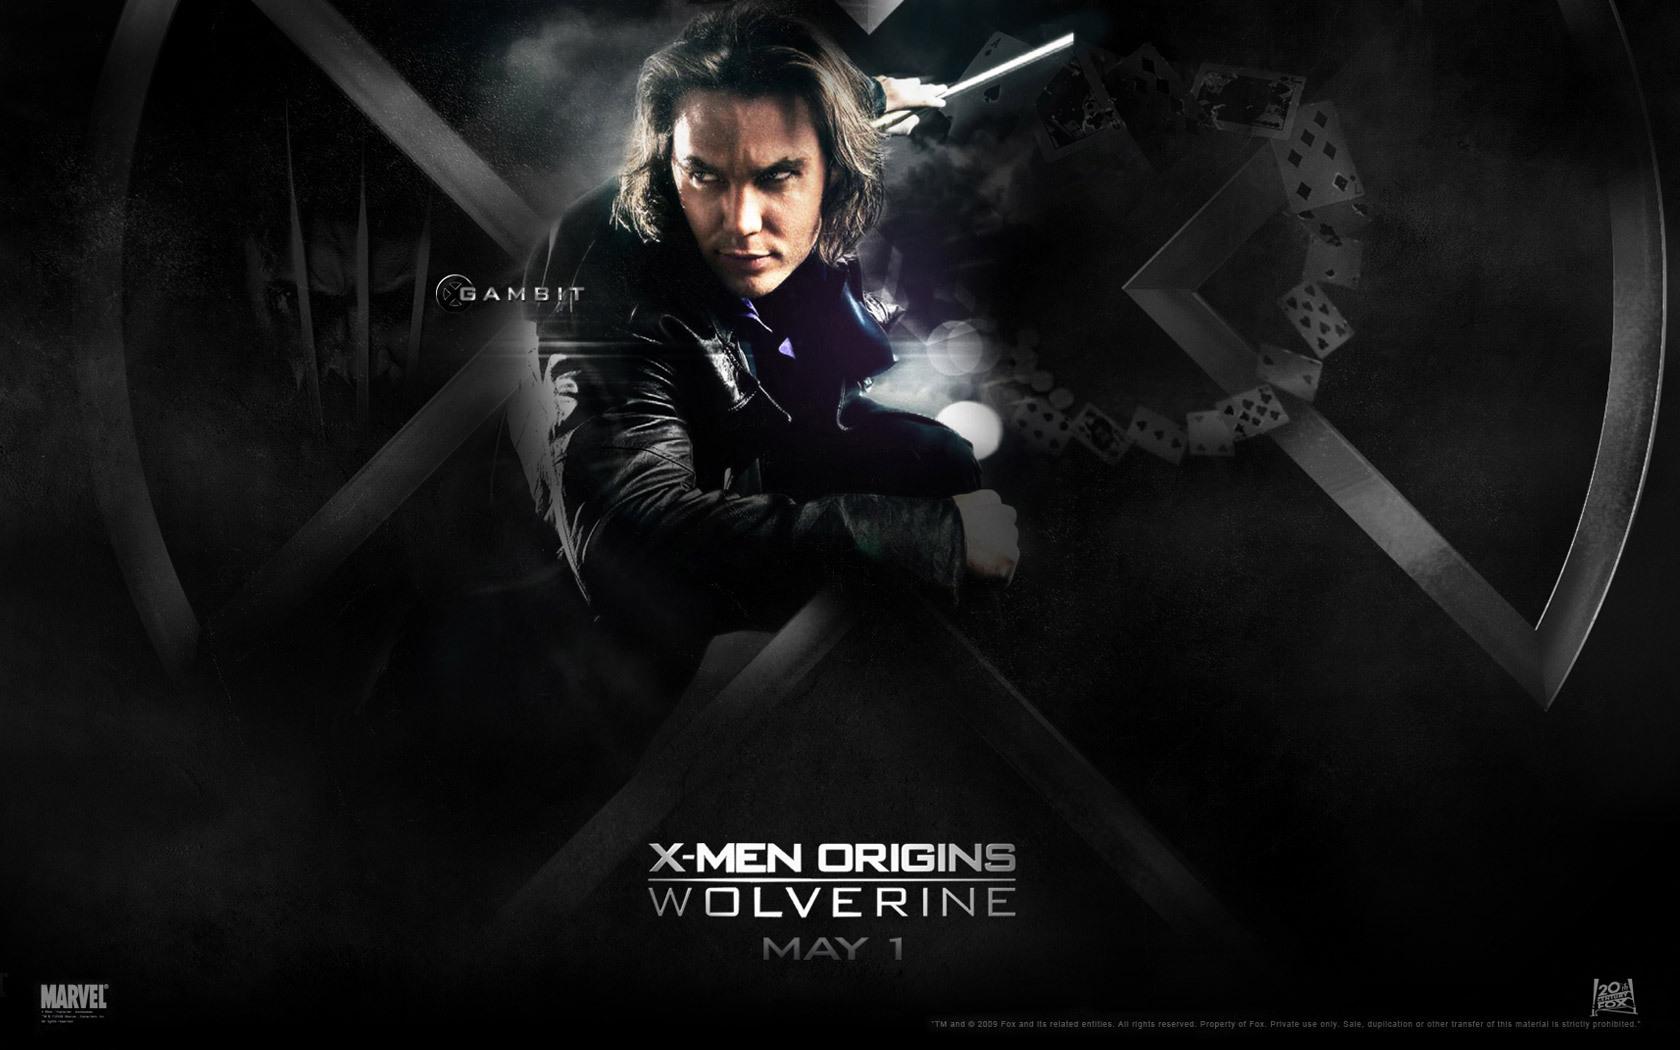 Wolverine x men origins wolverine 5946878 1680 1050jpg 1680x1050